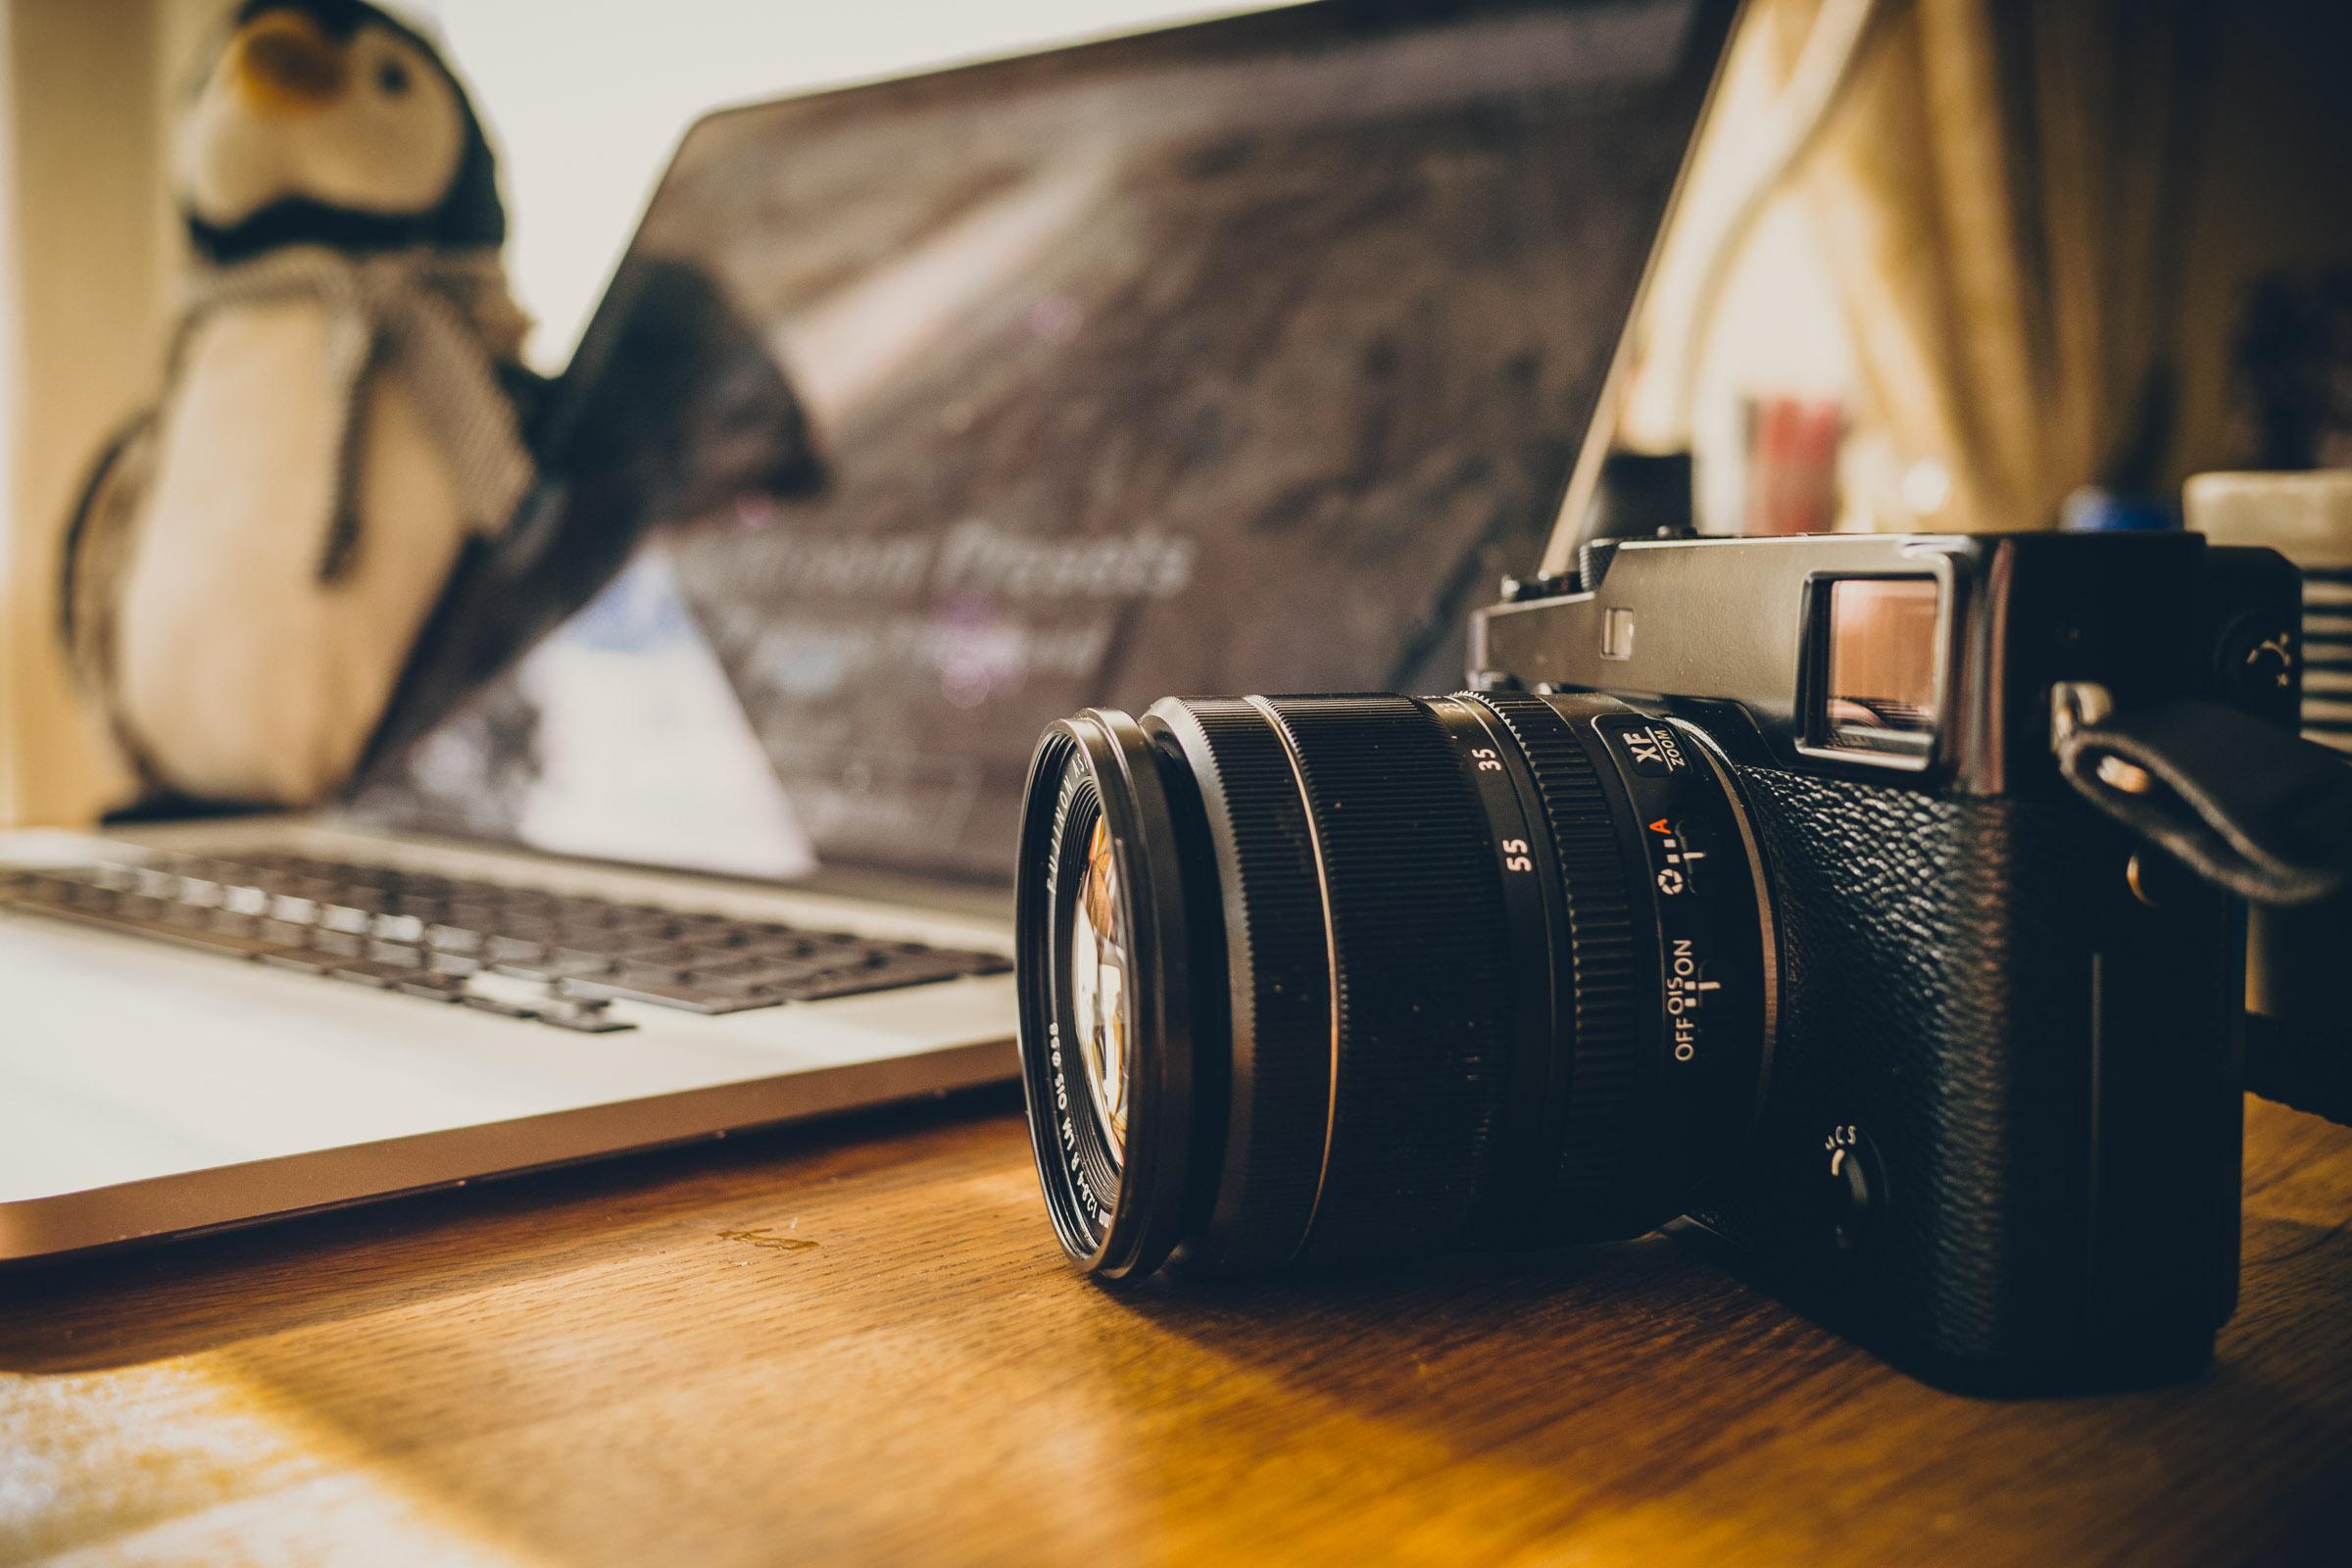 My Fuji X-Pro 2 Settings — Thomas Fitzgerald Photography